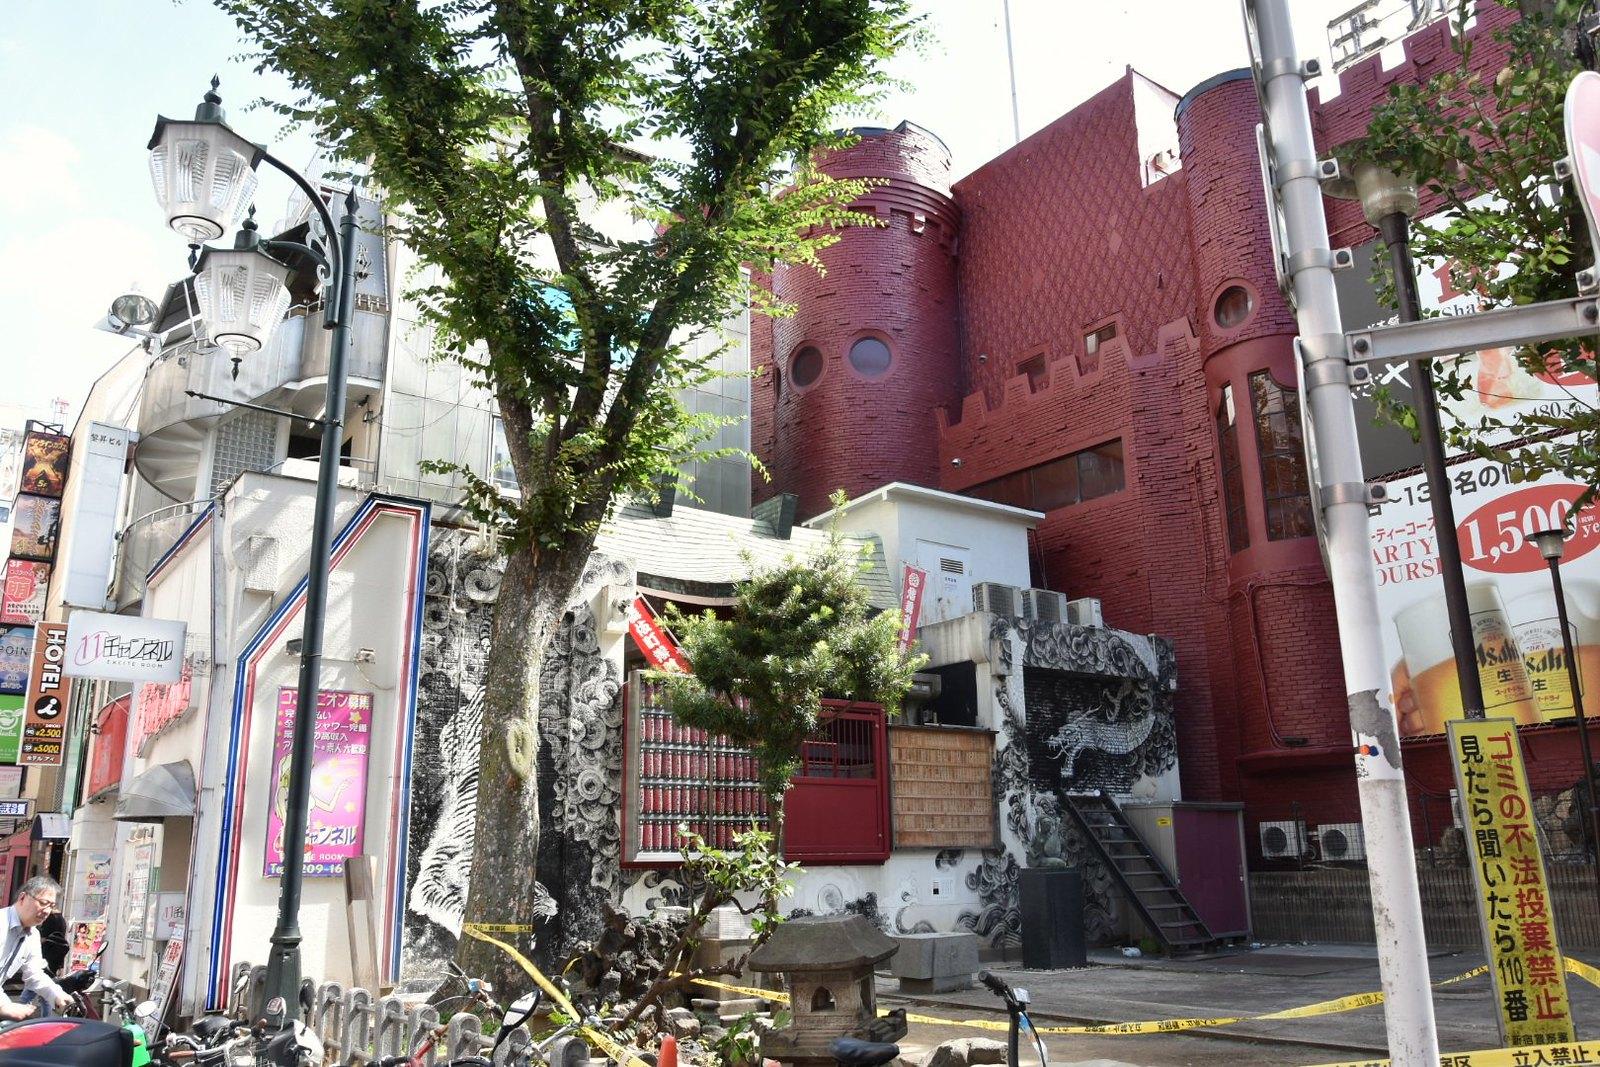 Shinjuku - Kabuki-cho et l'un des premiers love hotels du Japon en forme de chateau